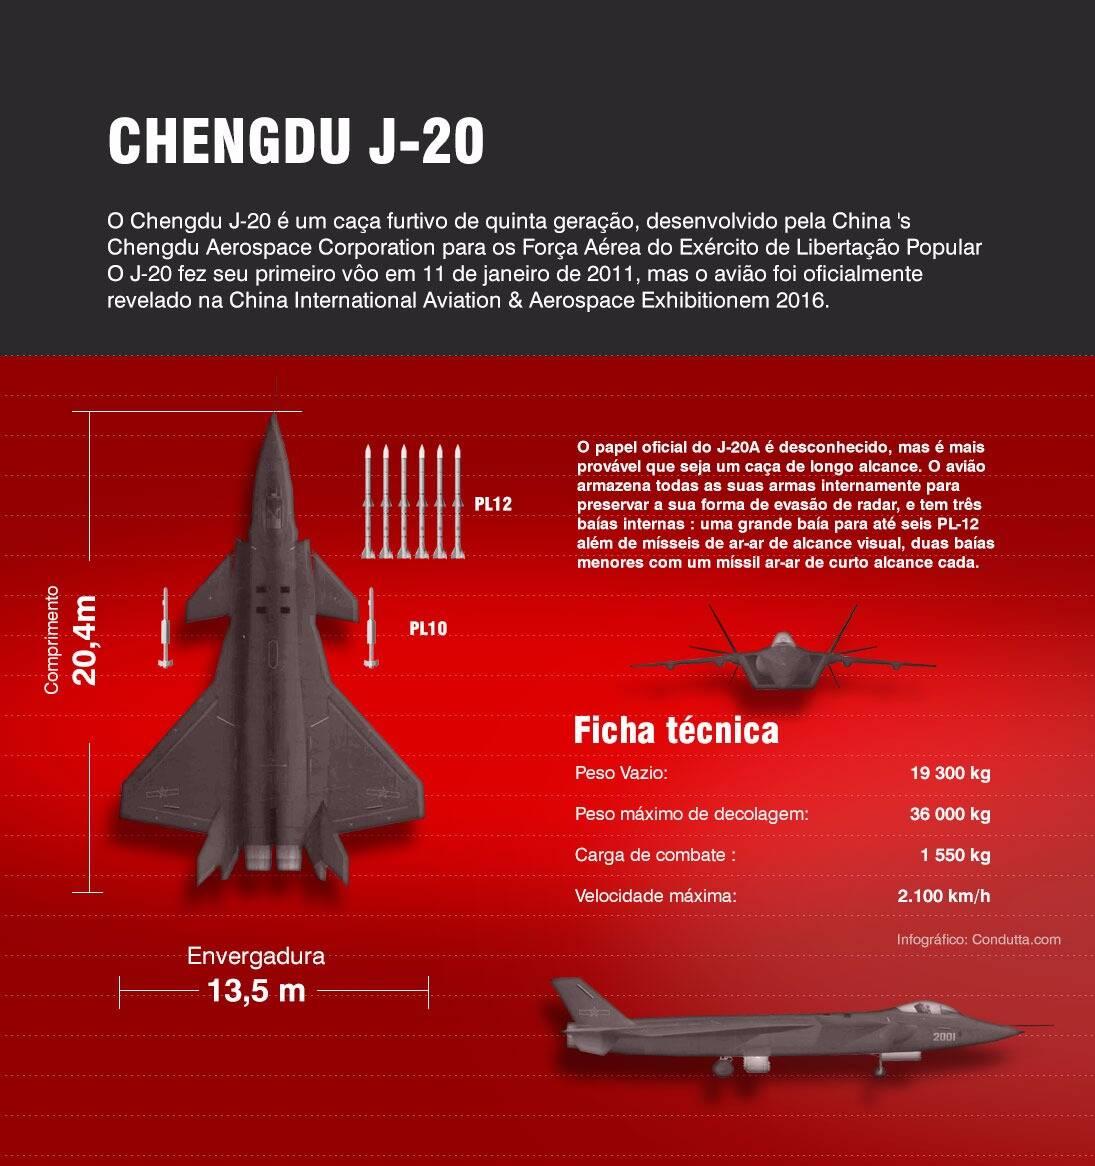 Infográfico: condutta.com